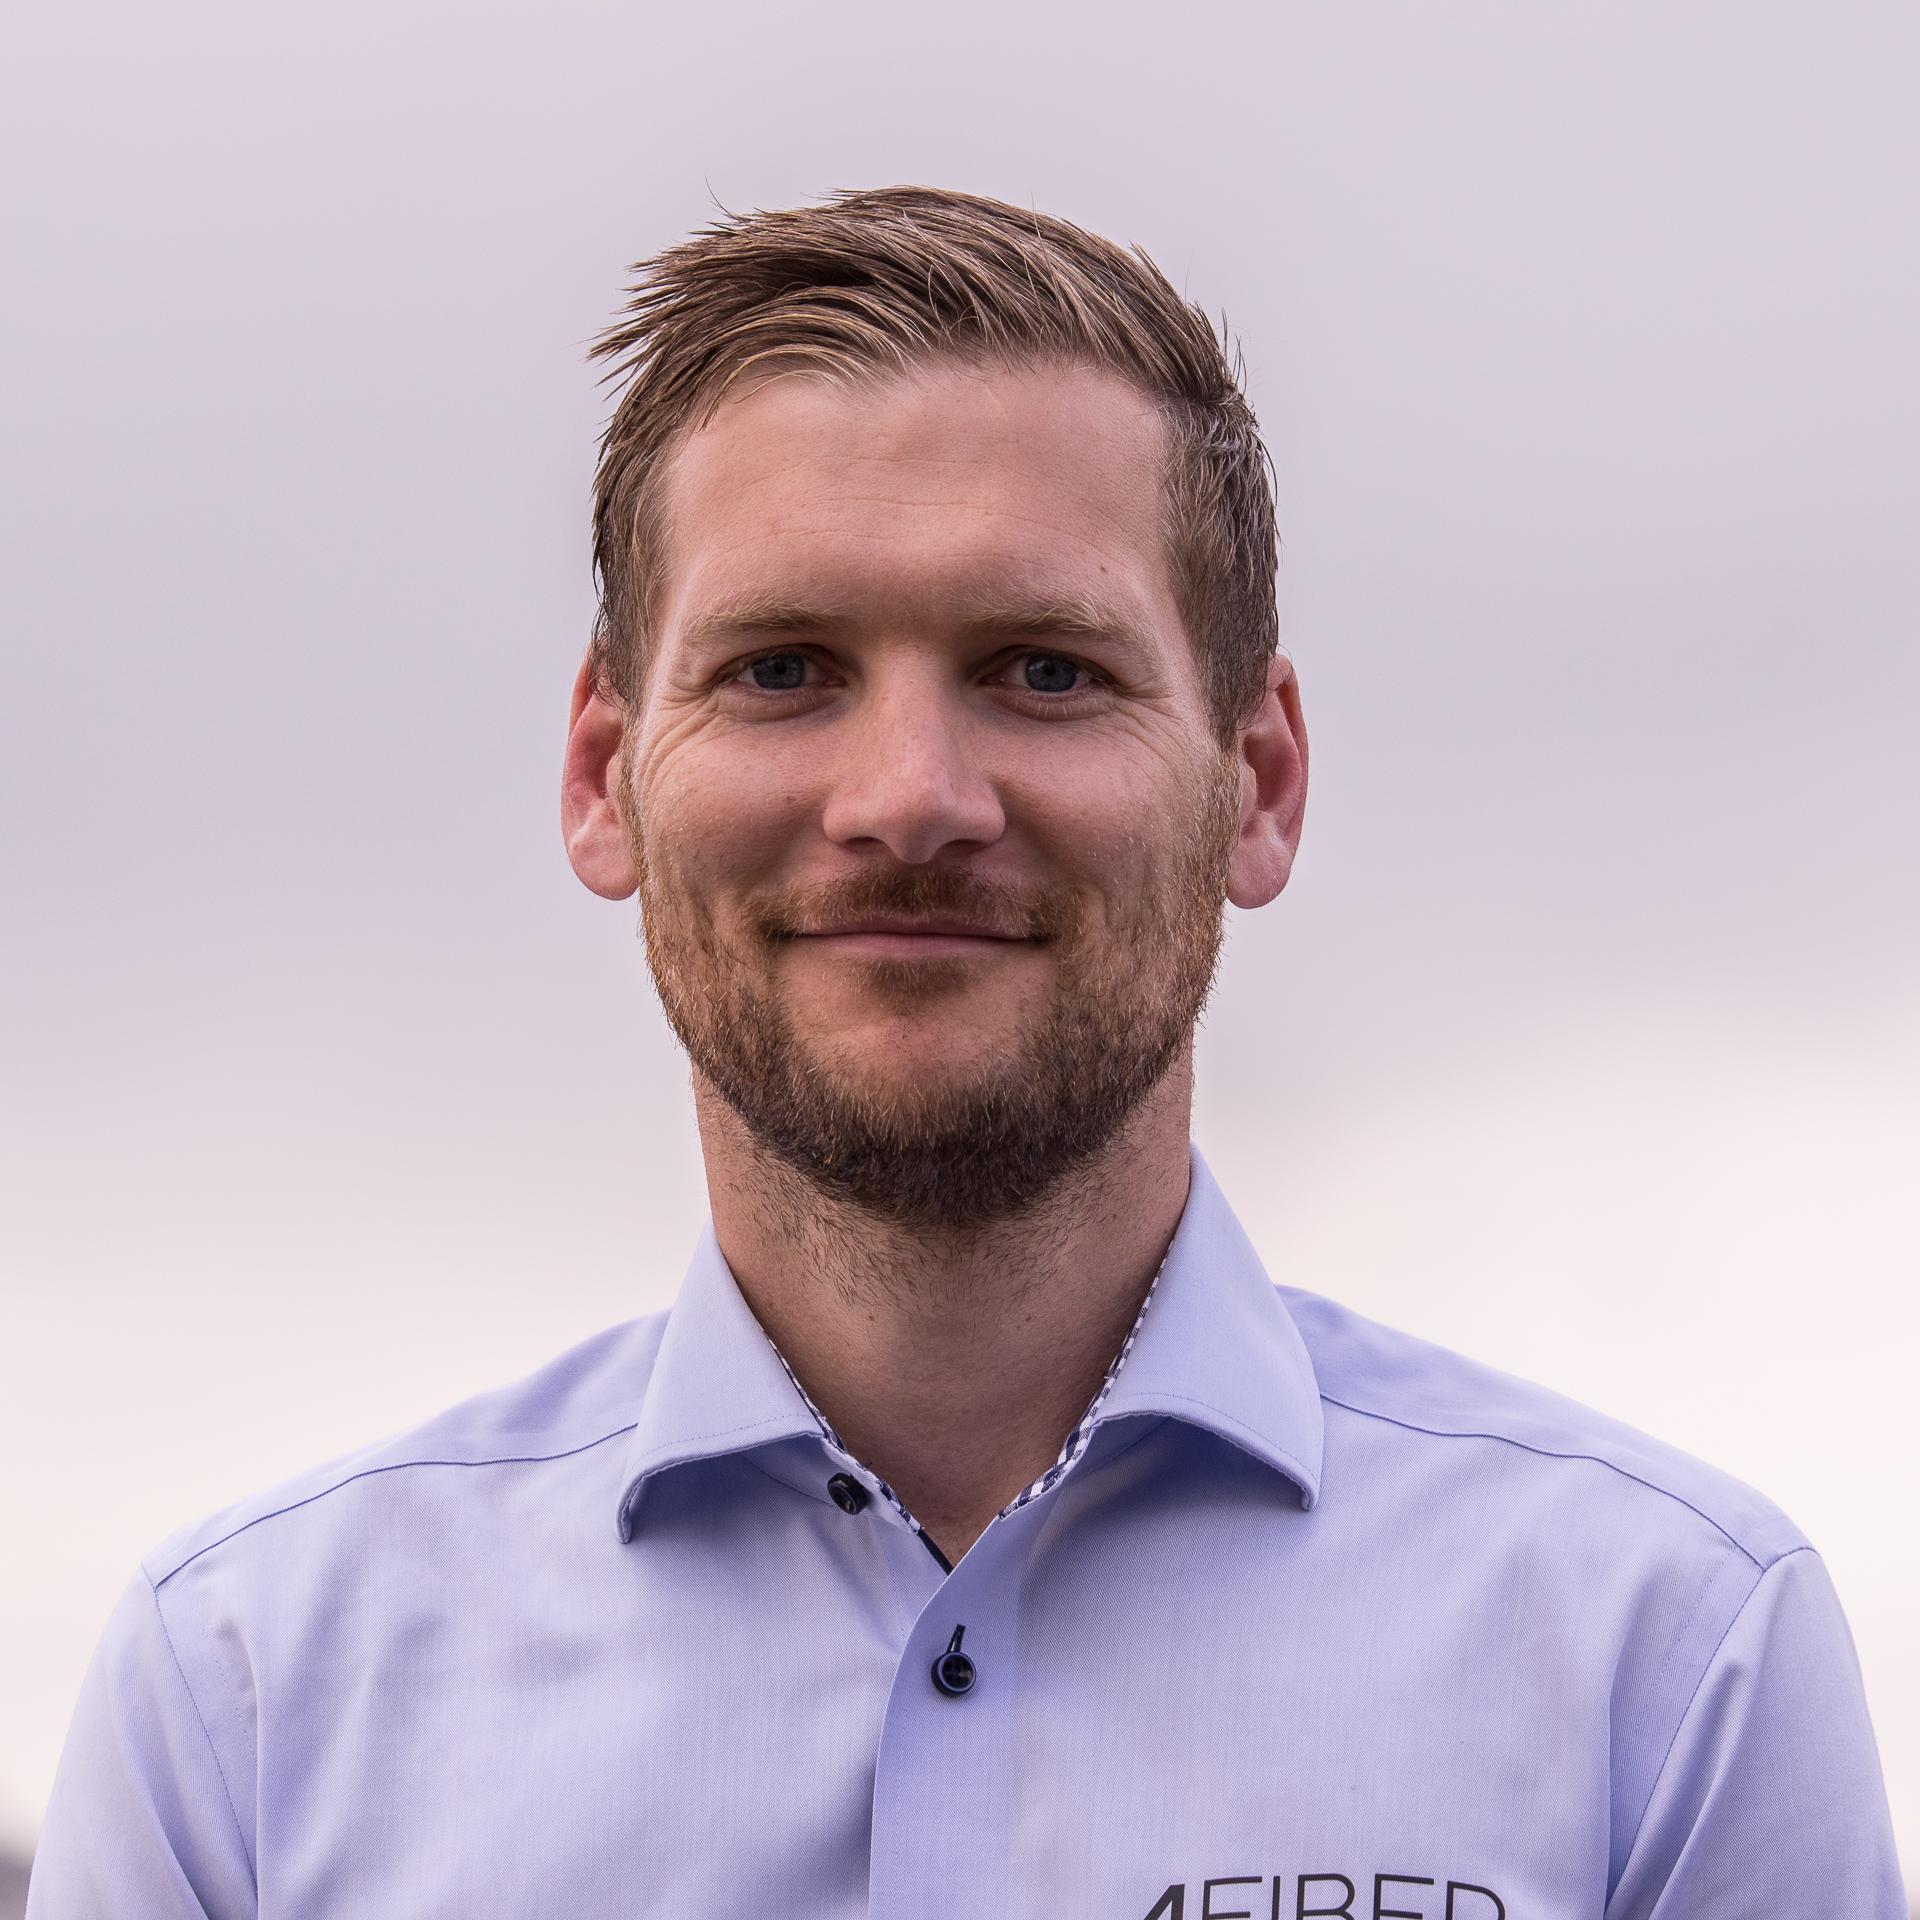 Andreas Frivold